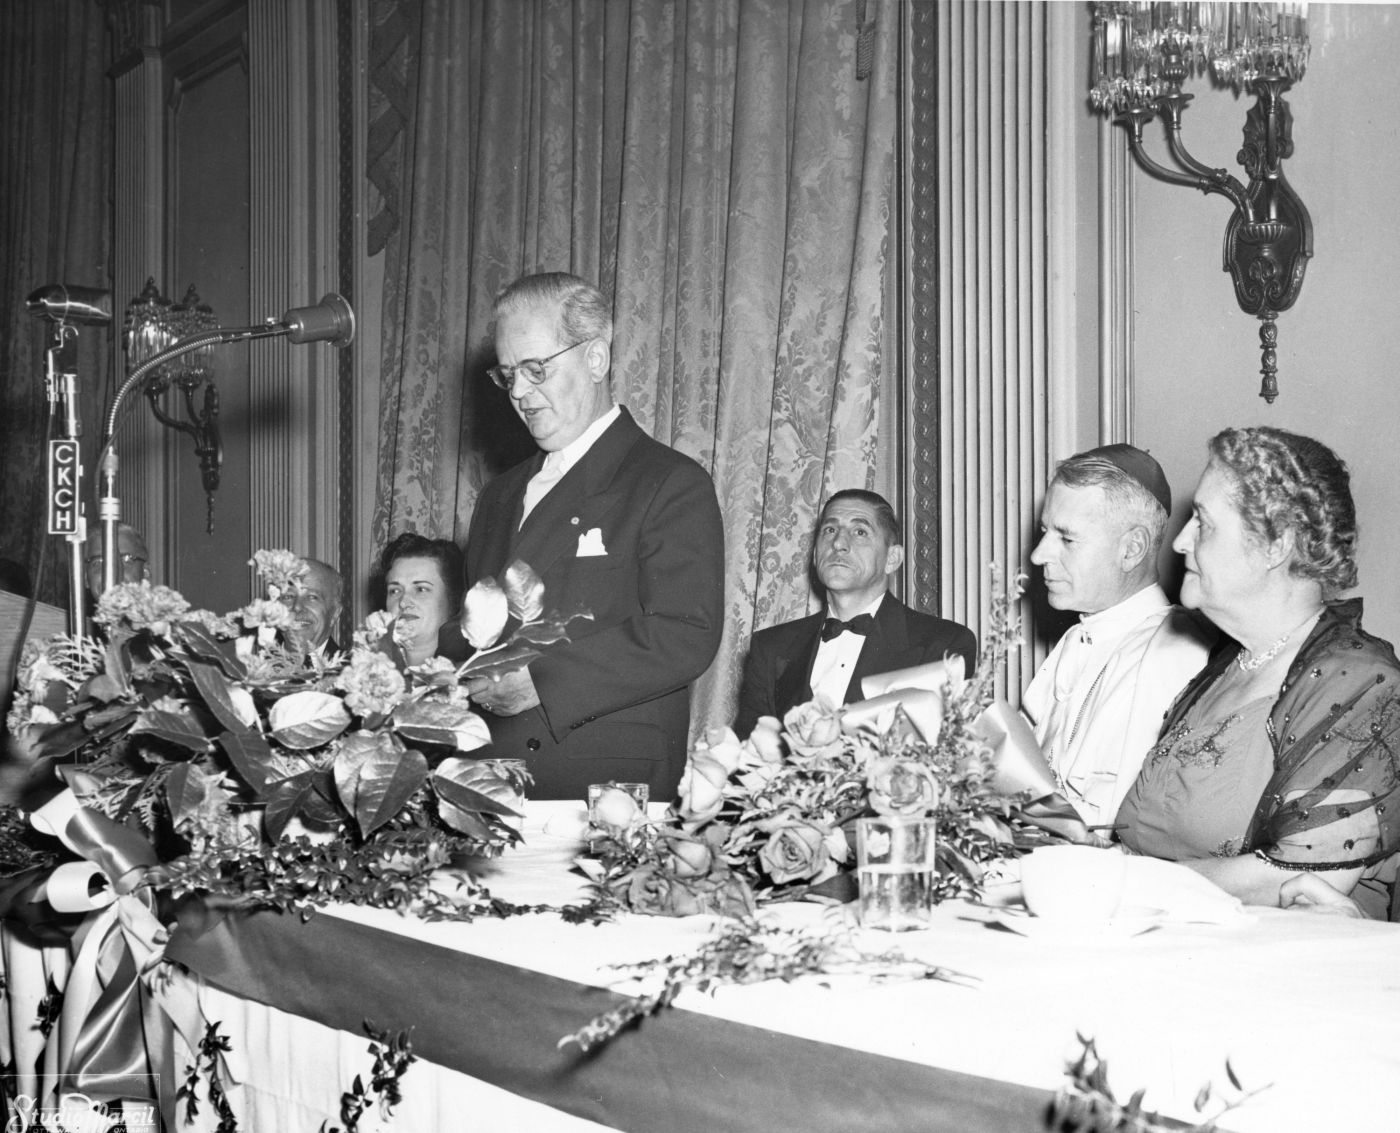 Photographie en noir et blanc d'un homme d'âge mûr en costume et cravate, debout, parlant devant un microphone. Une femme est assise à sa droite, un homme, un religieux portant la calotte et une autre femme sont assis à sa gauche, à une table décorée.